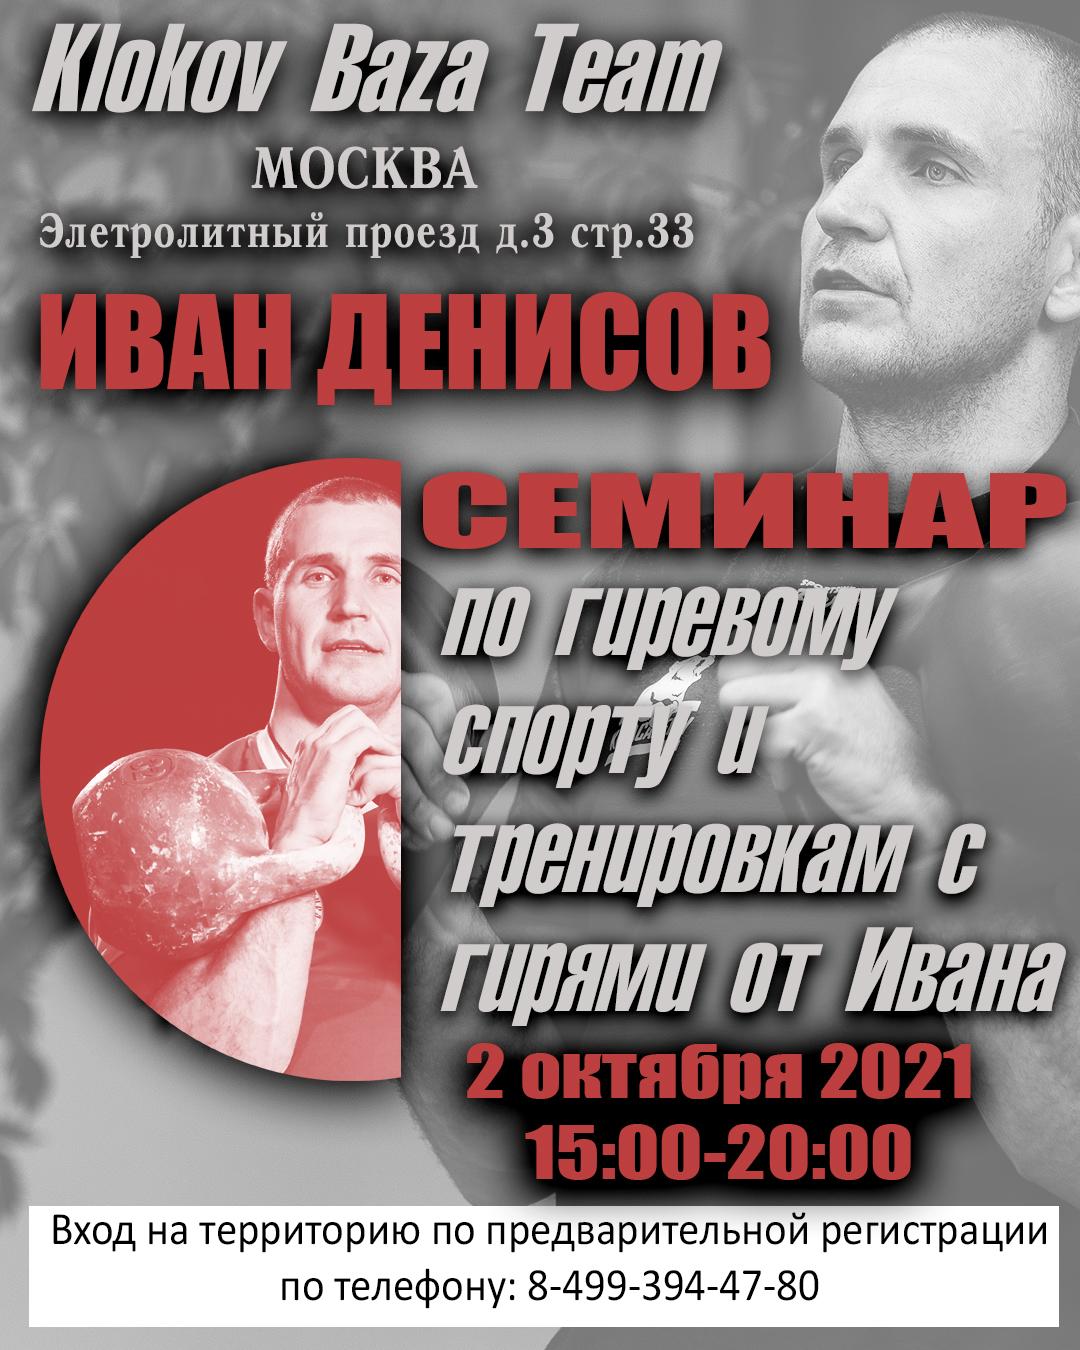 Семинар по тренировкам с гирями и гиревому спорту Ивана Денисова